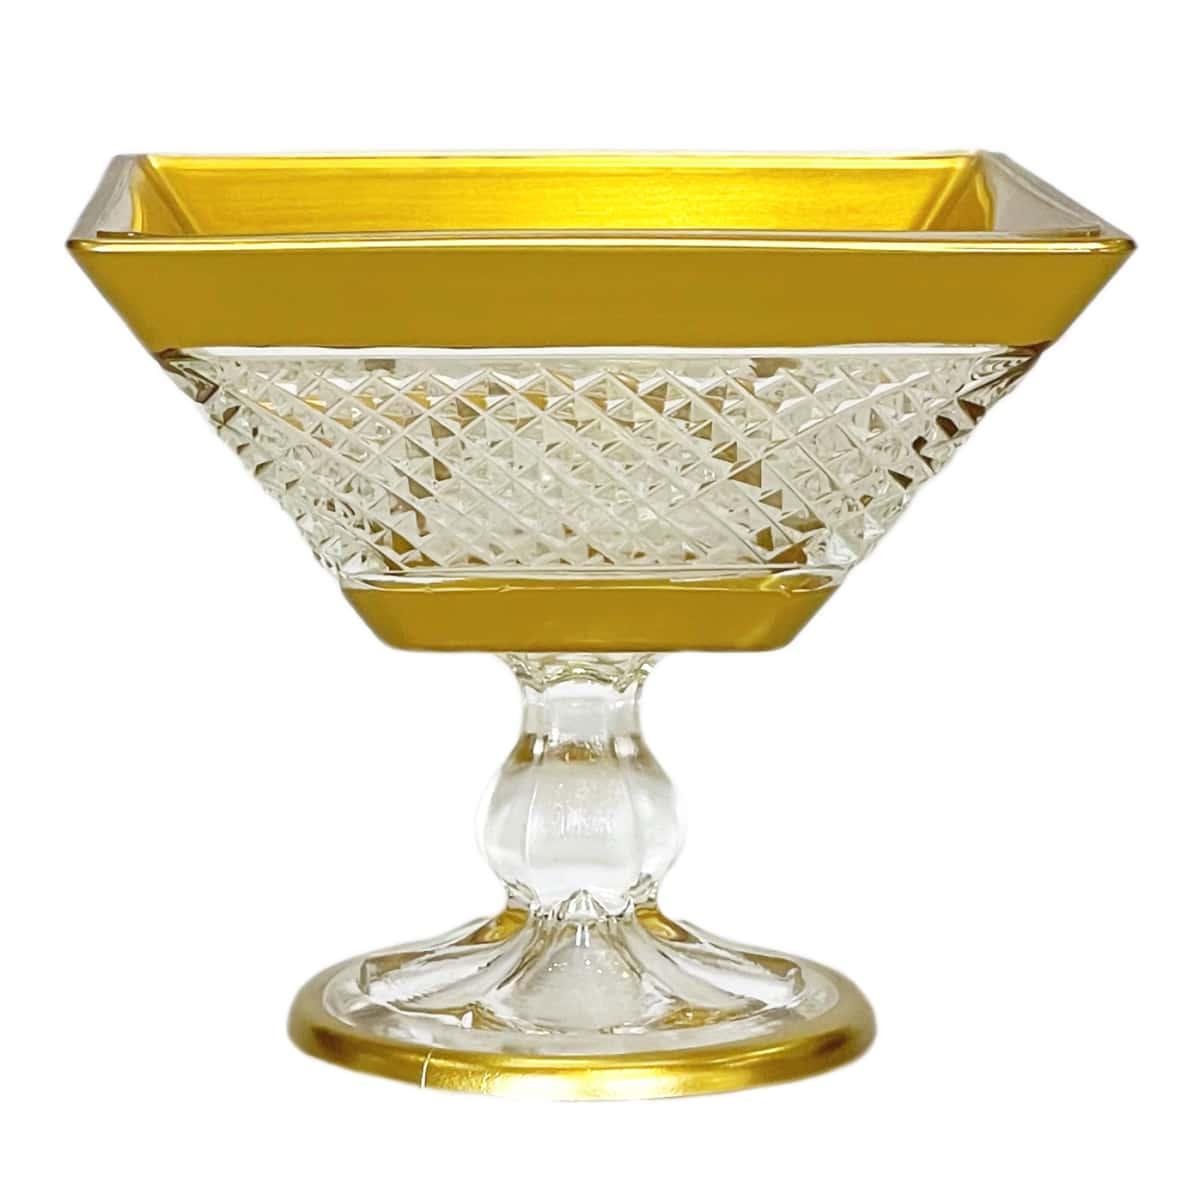 Креманка 12см.Barok YH золотая квадратная